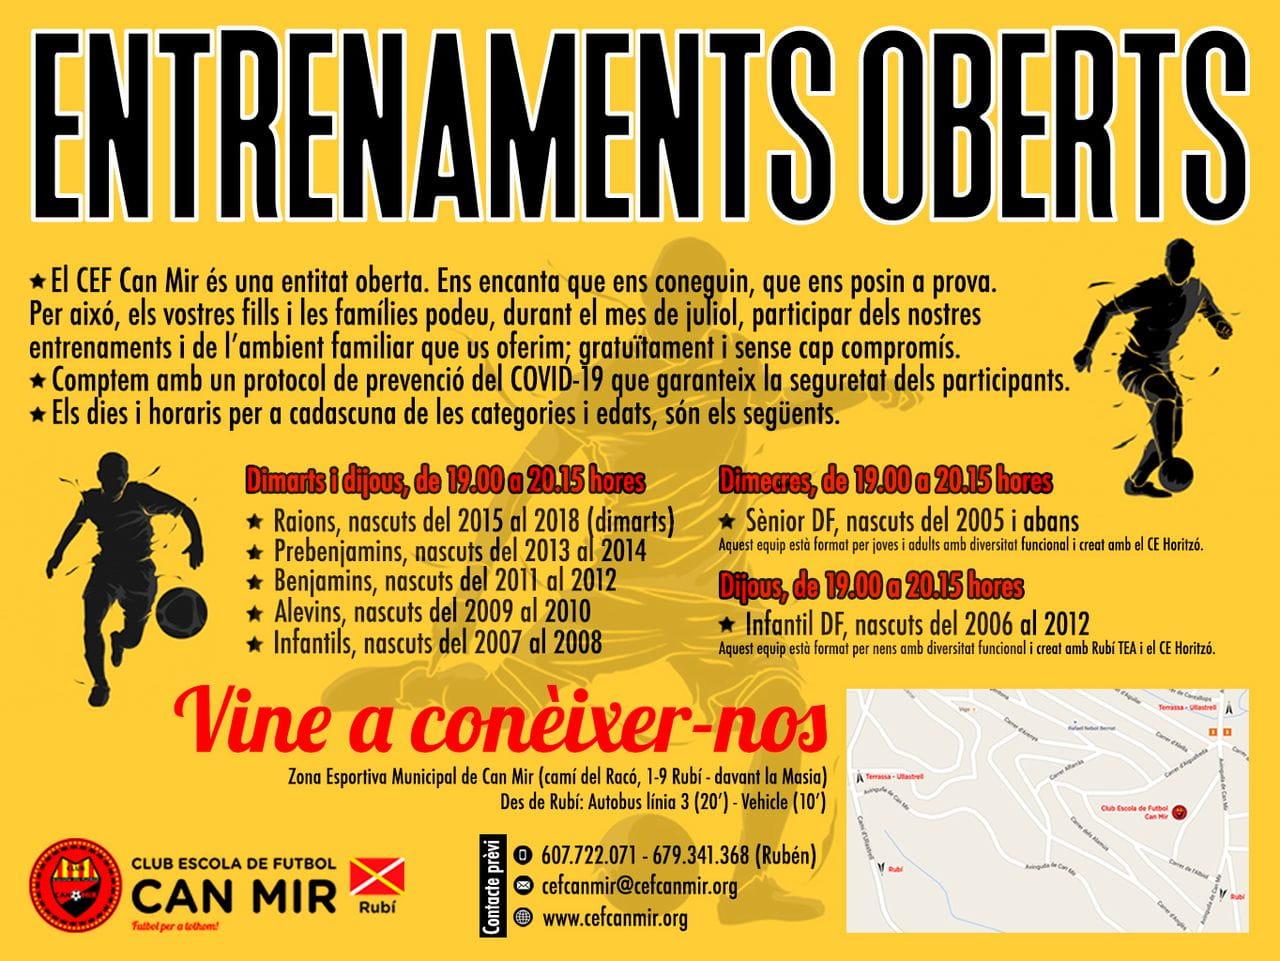 Portes obertes al CEF Can Mir durant juliol i agost